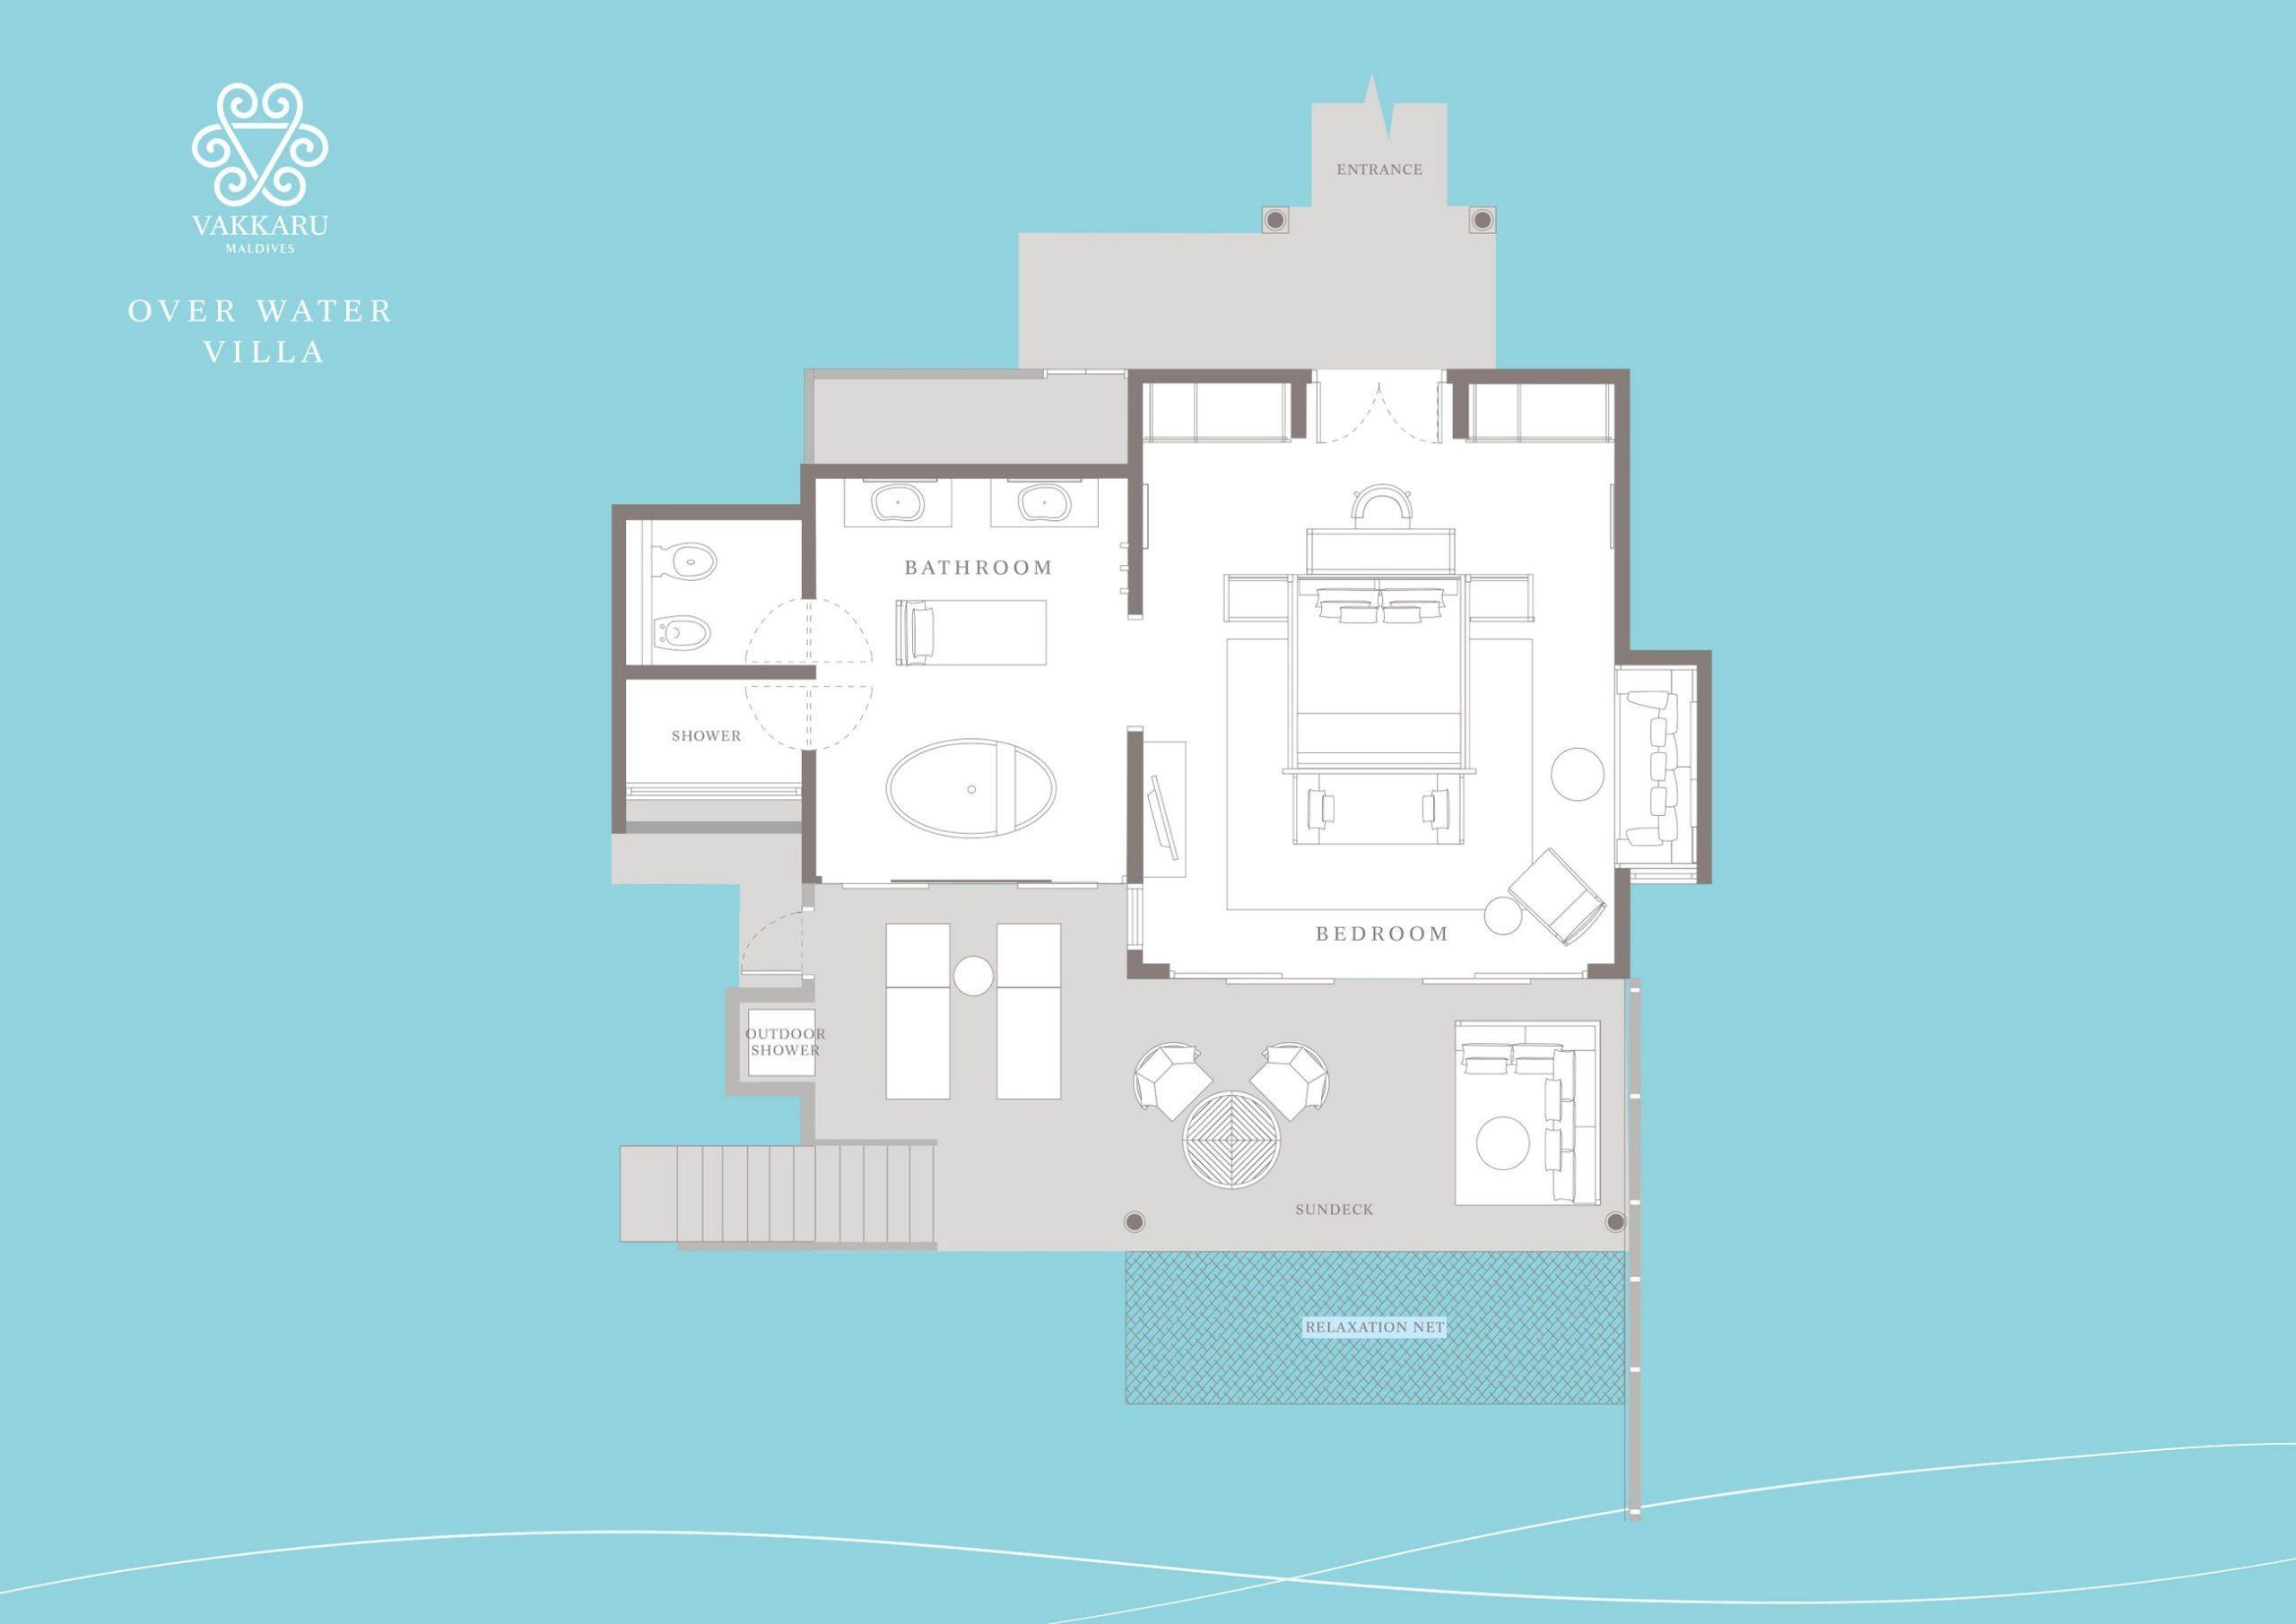 Мальдивы, отель Vakkaru Maldives, план-схема номера Over Water Villa